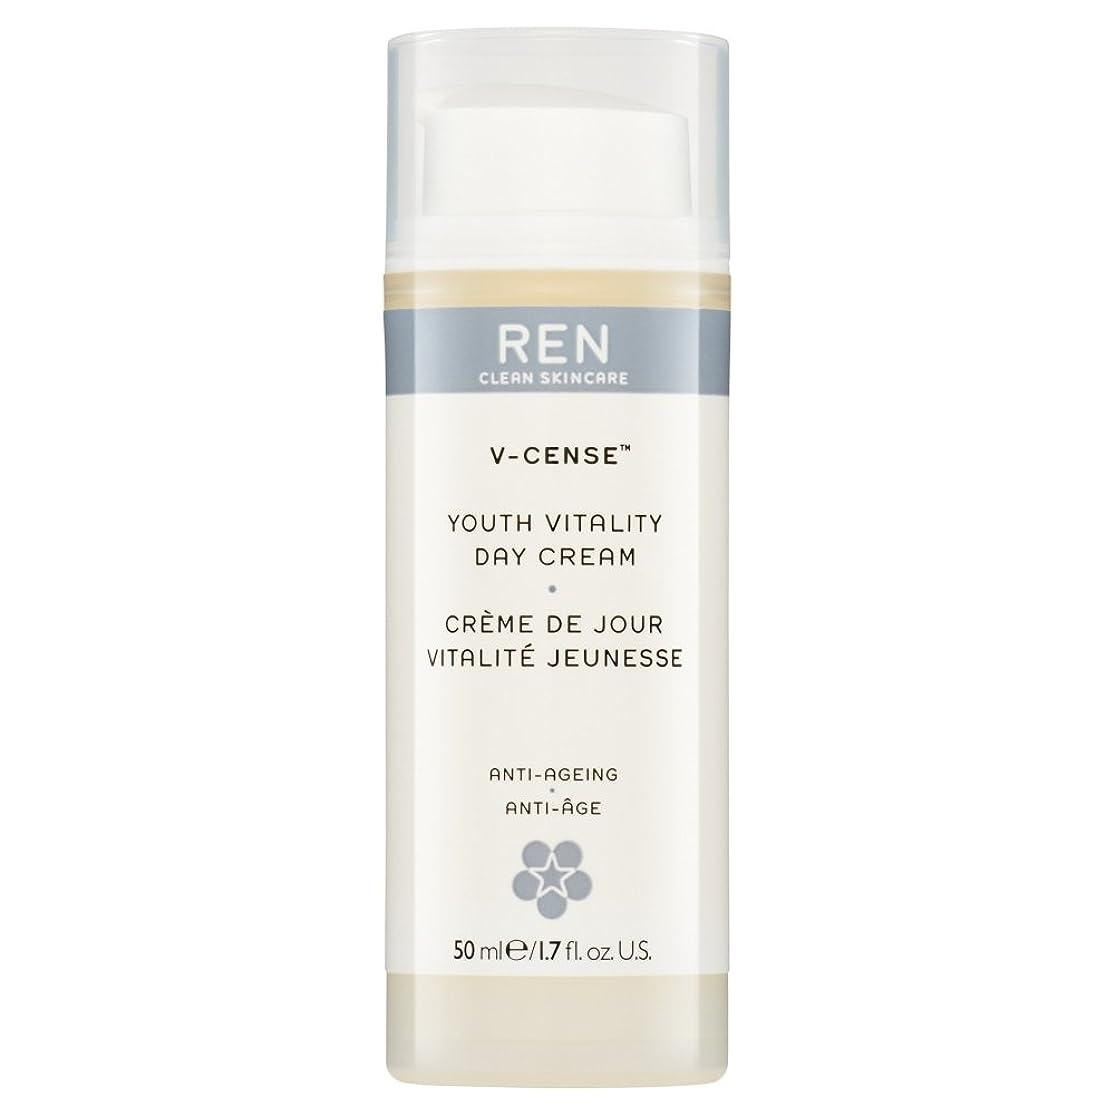 言語弾性夏RenのV-焼香する若者の活力のデイクリーム、50ミリリットル (REN) (x6) - REN V-Cense Youth Vitality Day Cream, 50ml (Pack of 6) [並行輸入品]